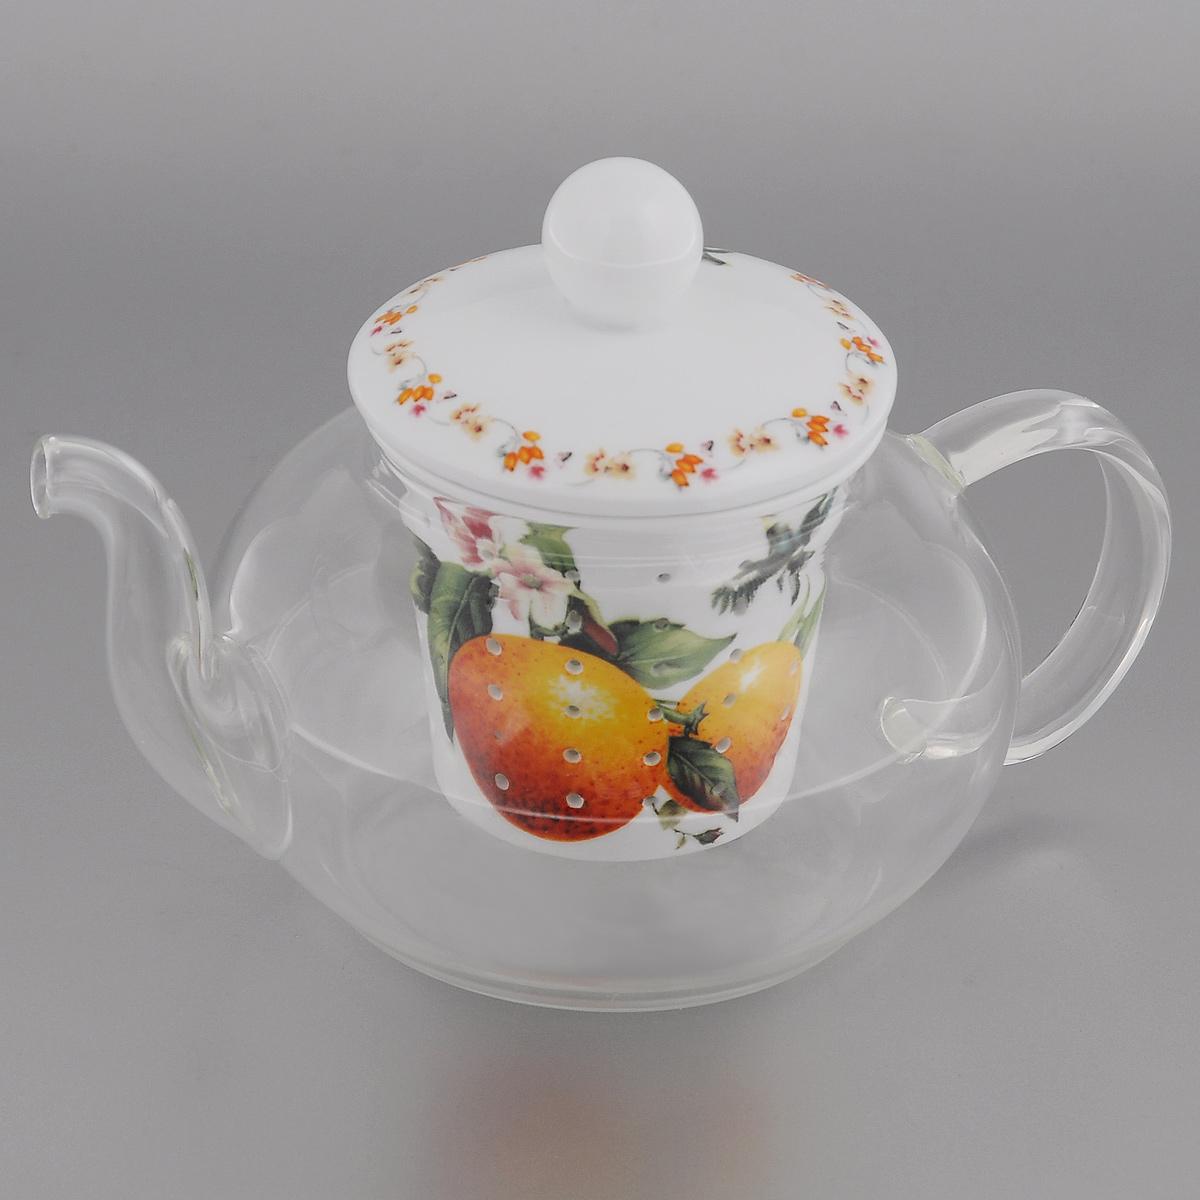 Чайник заварочный Lillo Апельсин, 600 мл115510Заварочный чайник Lillo Апельсин изготовлен из жаропрочного стекла, которое хорошо удерживает тепло, даже если стенки достаточно тонкие. Чайник снабжен крышкой и съемным фильтром для заварки, выполненными из керамики с изящным изображением апельсинов. Благодаря маленьким отверстиям фильтр предотвращает попадание чаинок и листочков в настой. Чайник сочетает в себе оригинальный дизайн и функциональность. Он поможет заварить вкусный и аромат чай, а стильный дизайн красиво дополнит сервировку стола к чаепитию. Нельзя мыть в посудомоечной машине. Можно использовать в микроволновой печи. Диаметр (по верхнему краю): 7 см.Высота чайника: 7,5 см.Высота фильтра: 6,5 см.